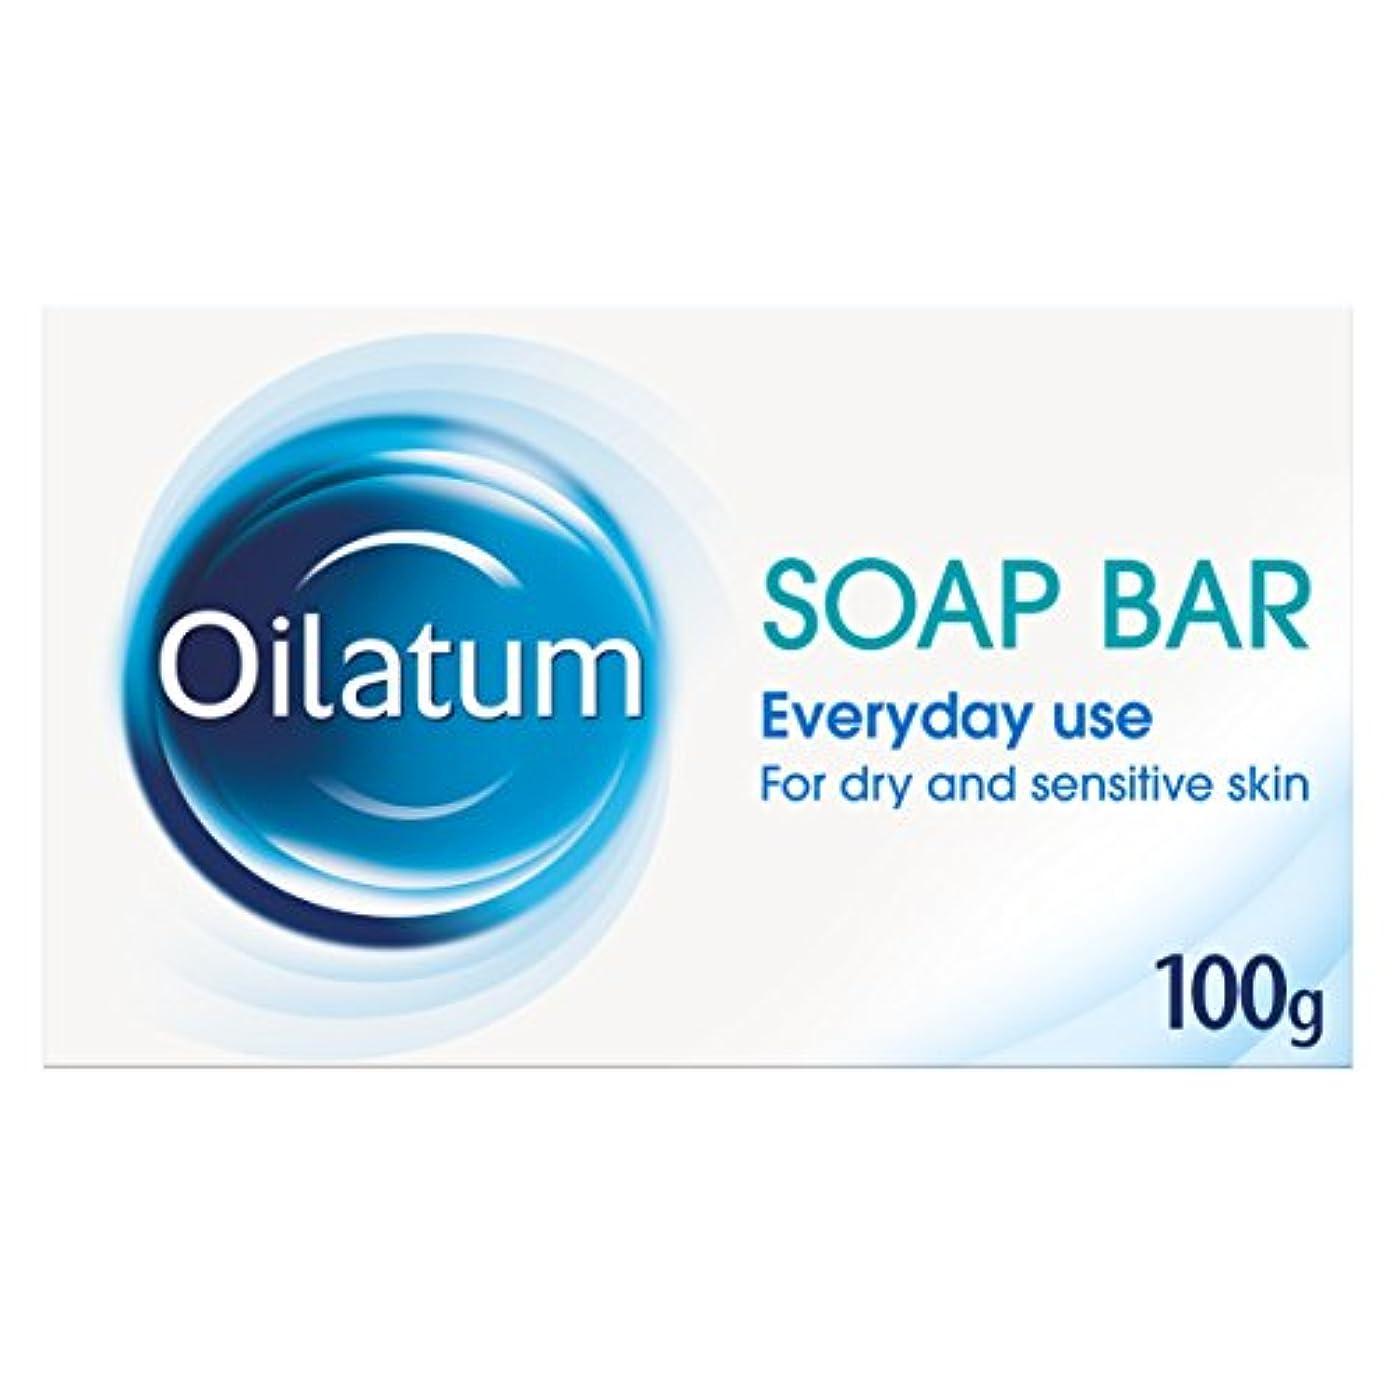 宇宙船不変コットンOilatum 100g Soap Bar for Dry Skin [並行輸入品]